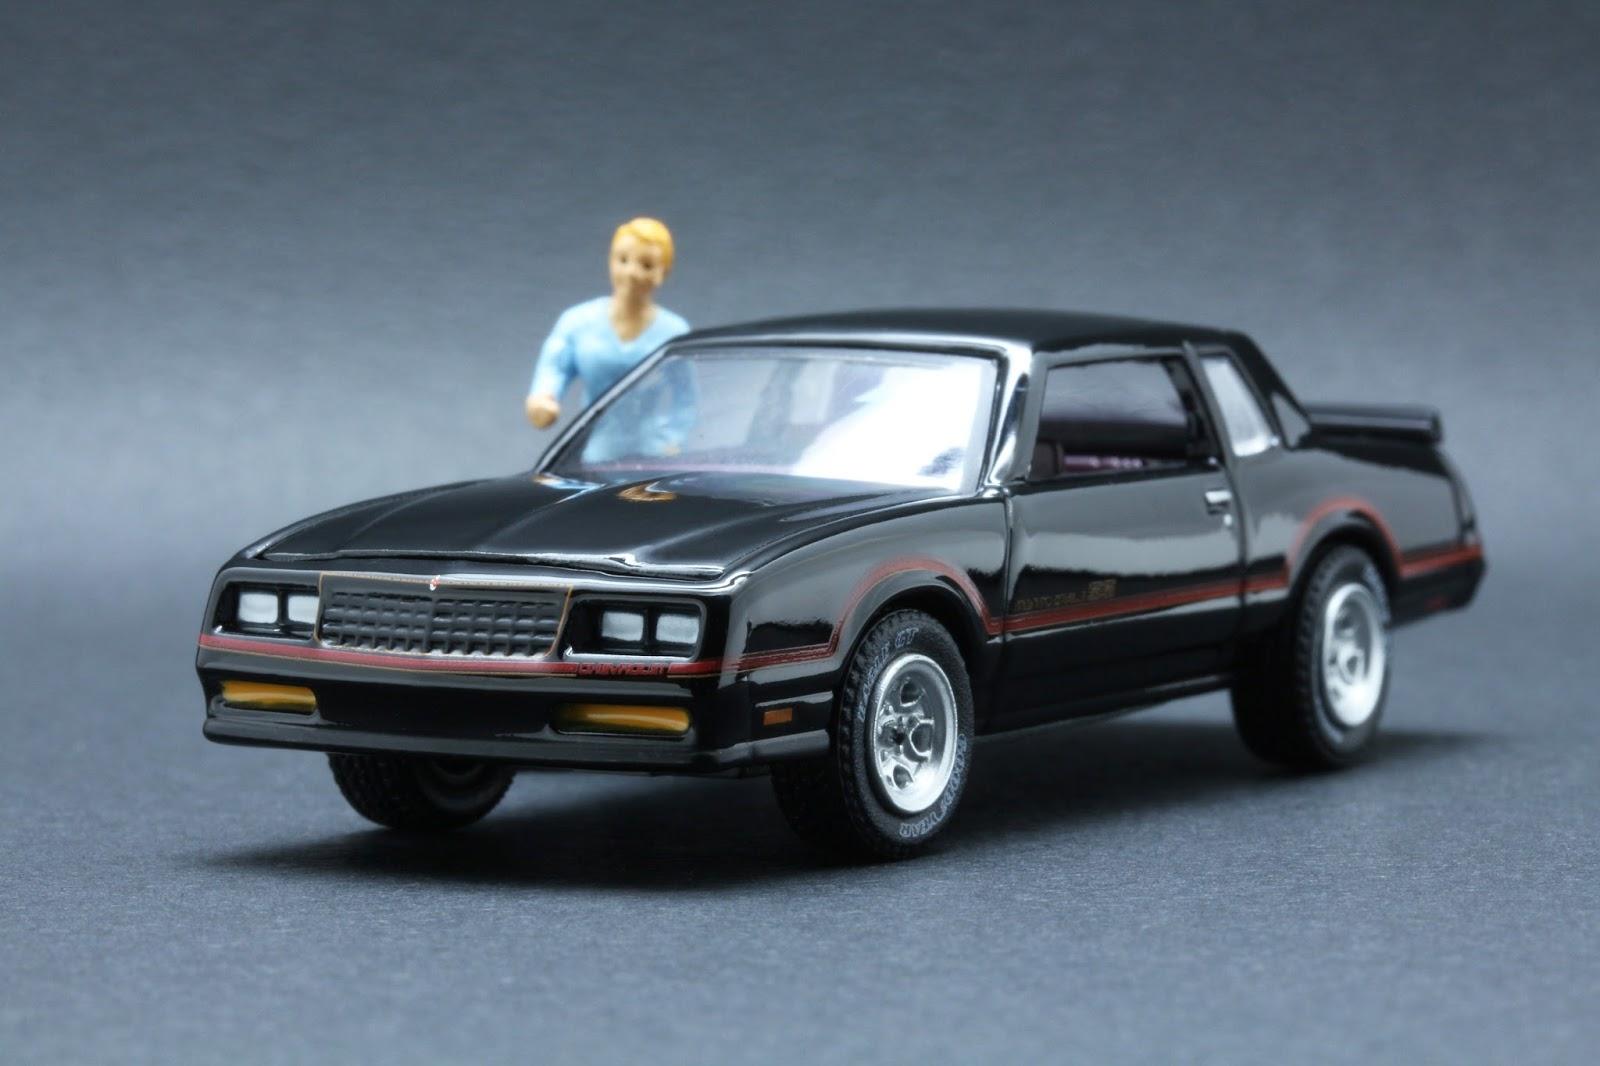 Diecast Hobbist 1985 Chevrolet Monte Carlo Ss